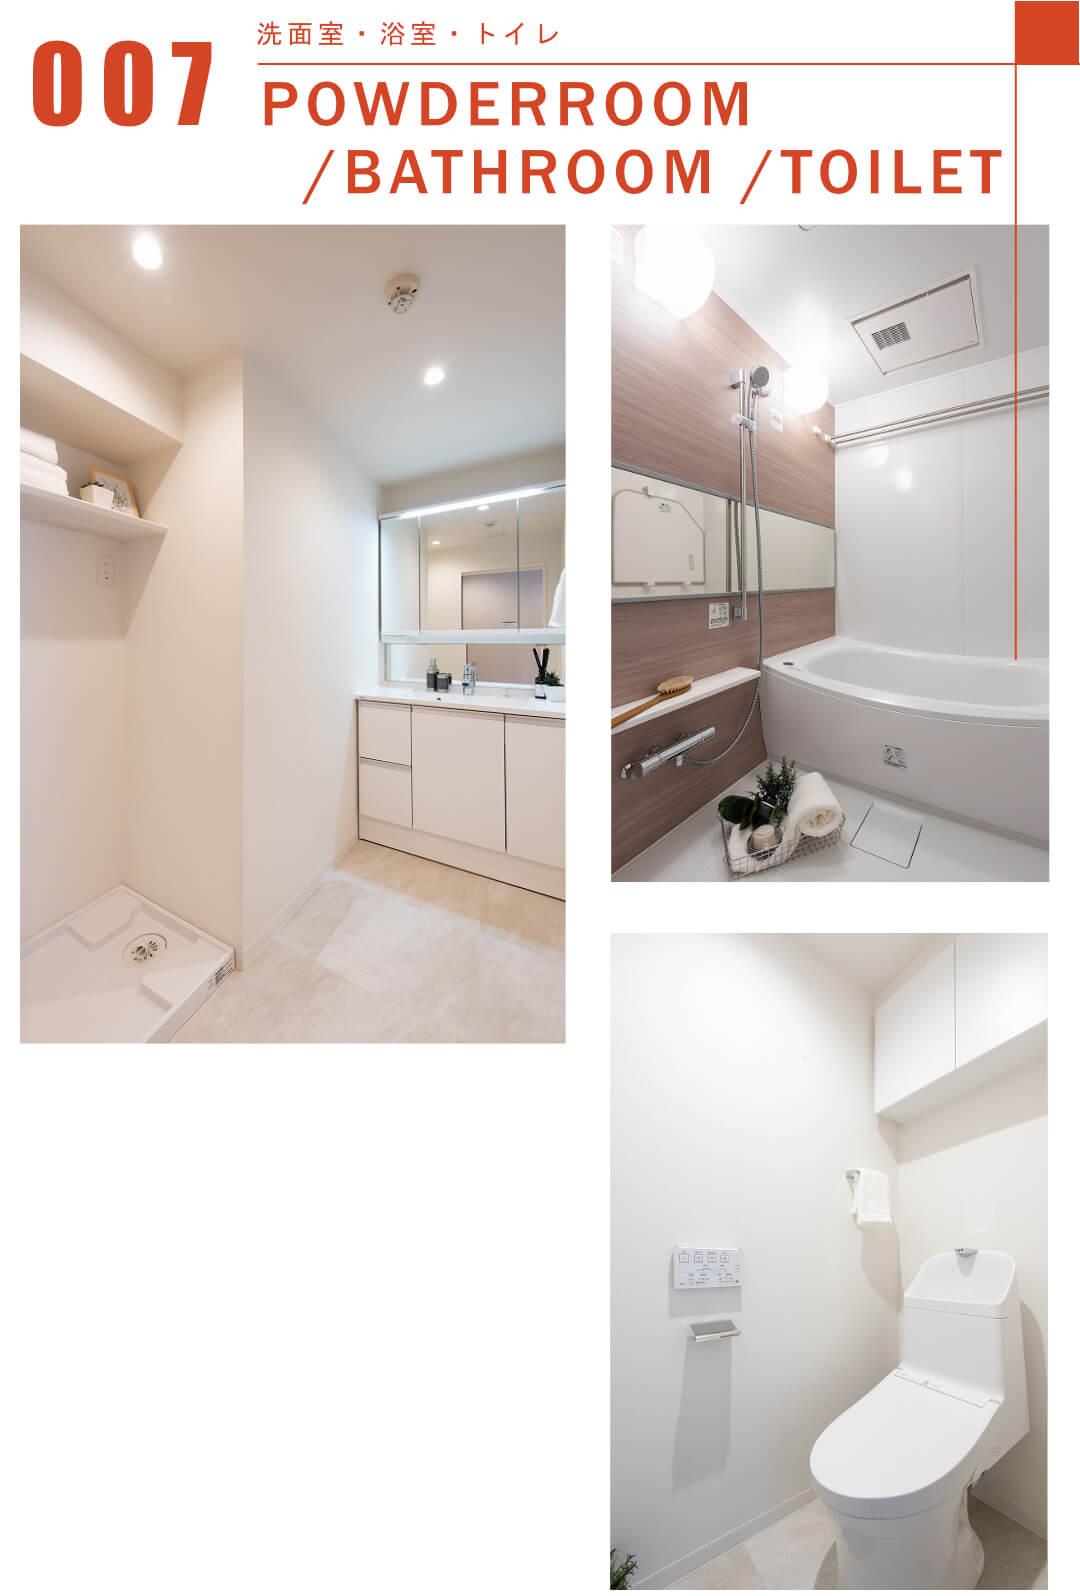 エクセル東陽町 911号室の洗面室・浴室・トイレ